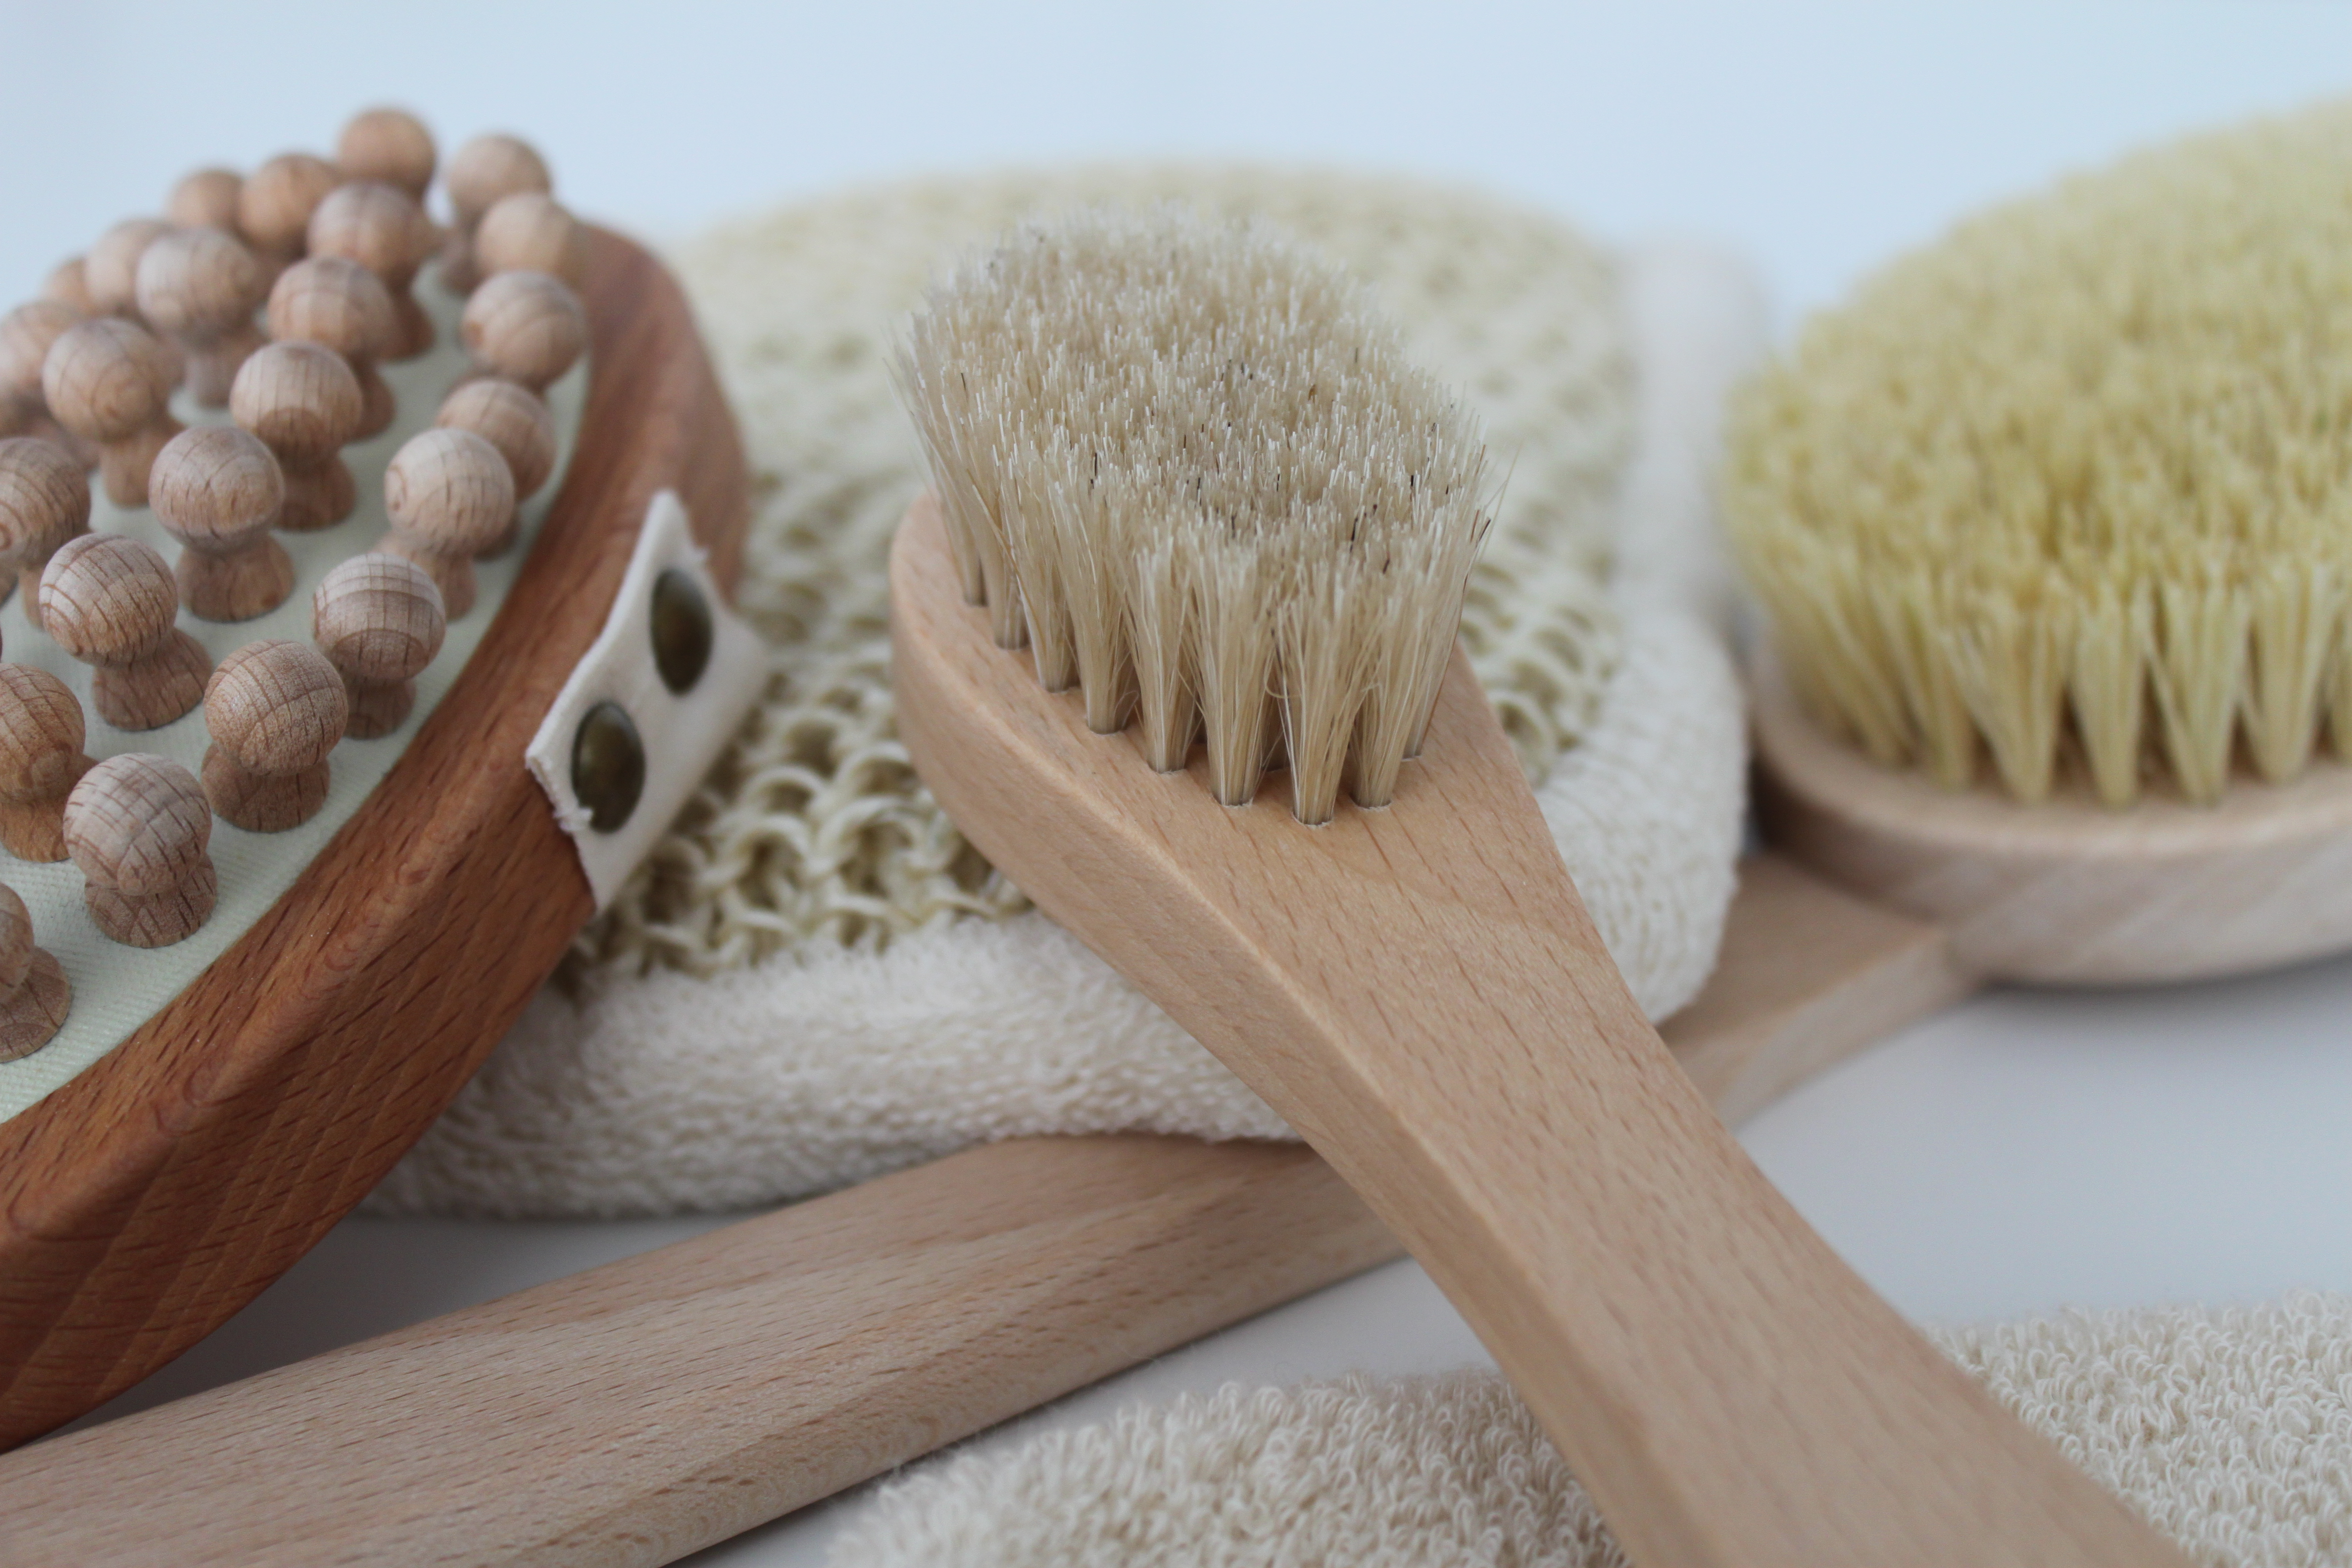 massagehandschuhe-massagebuerste